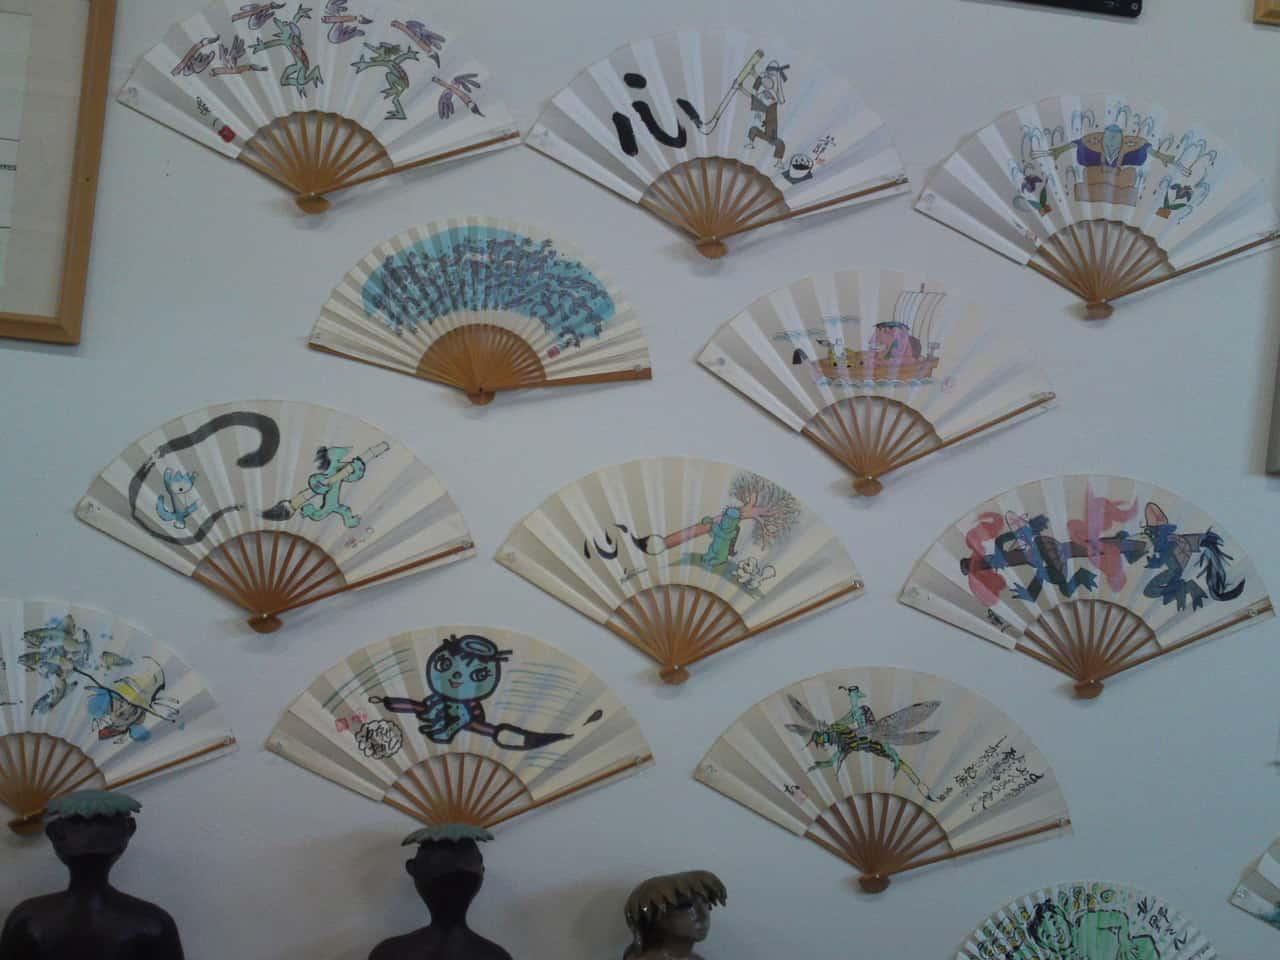 Collection de Kappa au Musée de Kappa de Tach-chan's dans la Ville de Yaizu sur des éventails